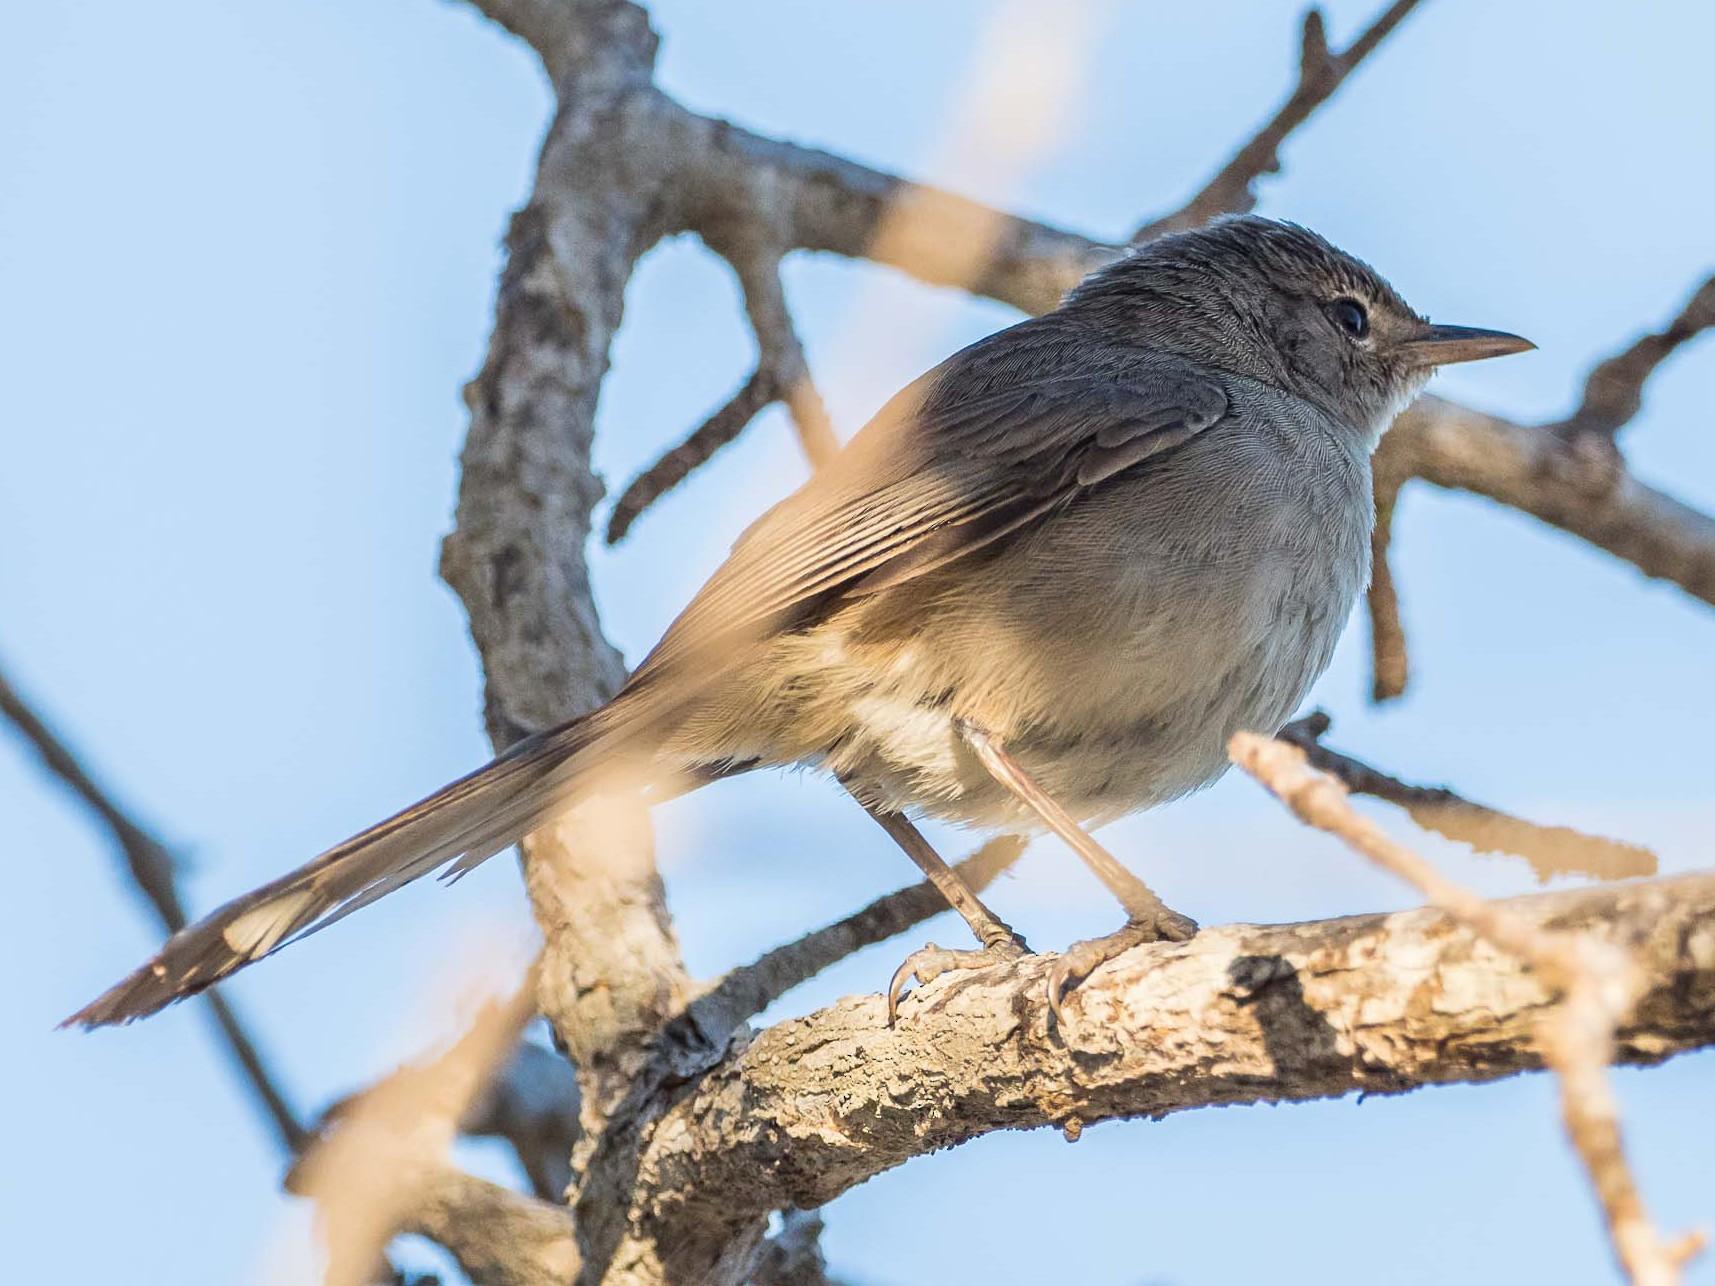 Madagascar Brush-Warbler - Antero Topp